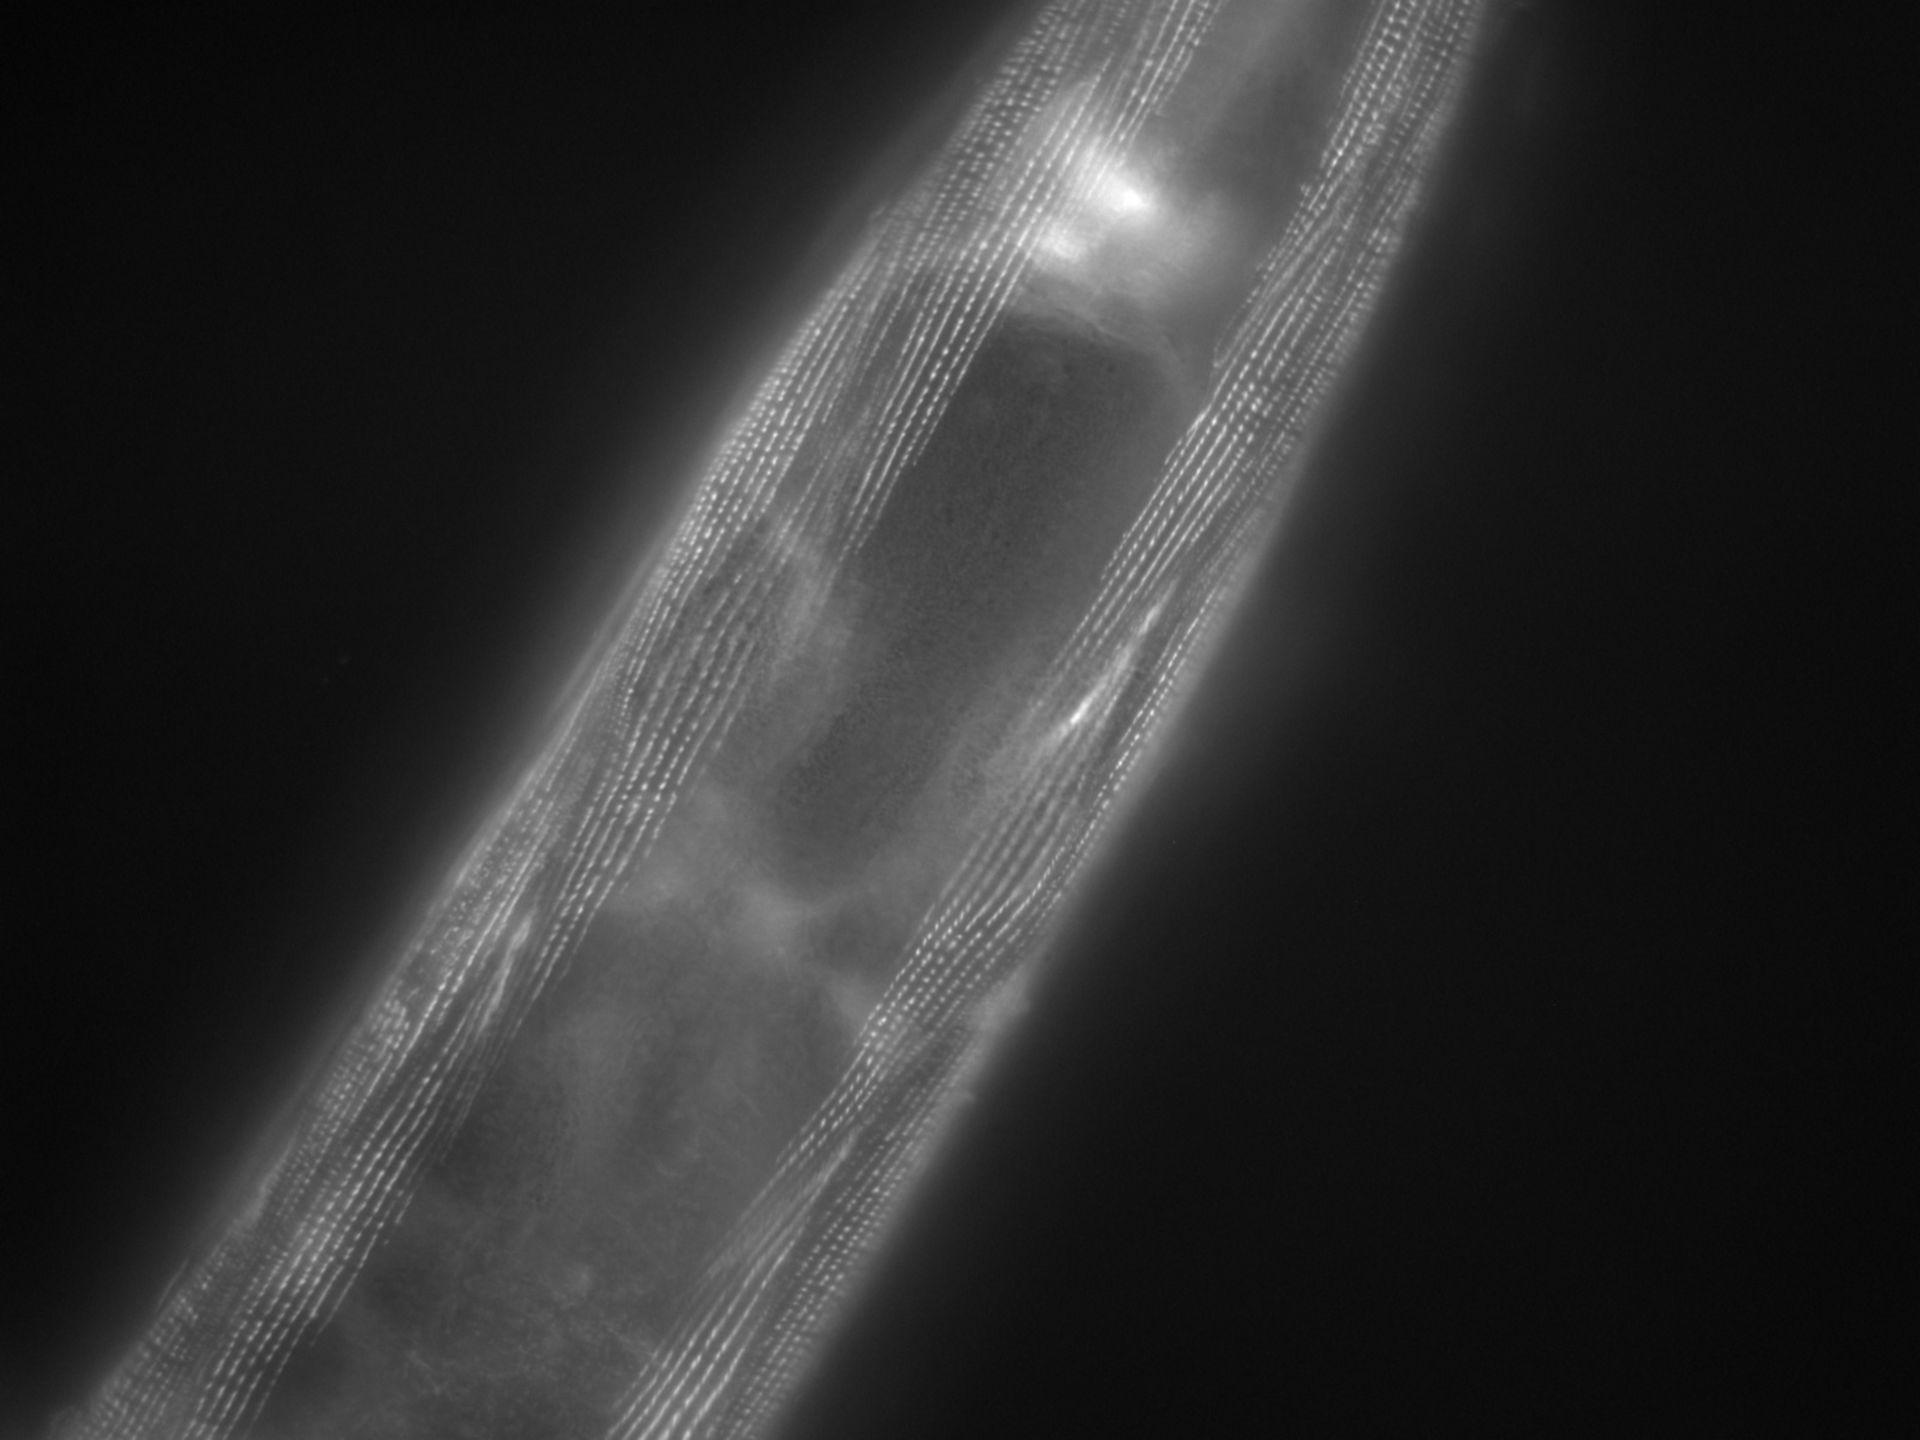 Caenorhabditis elegans (Actin filament) - CIL:1175